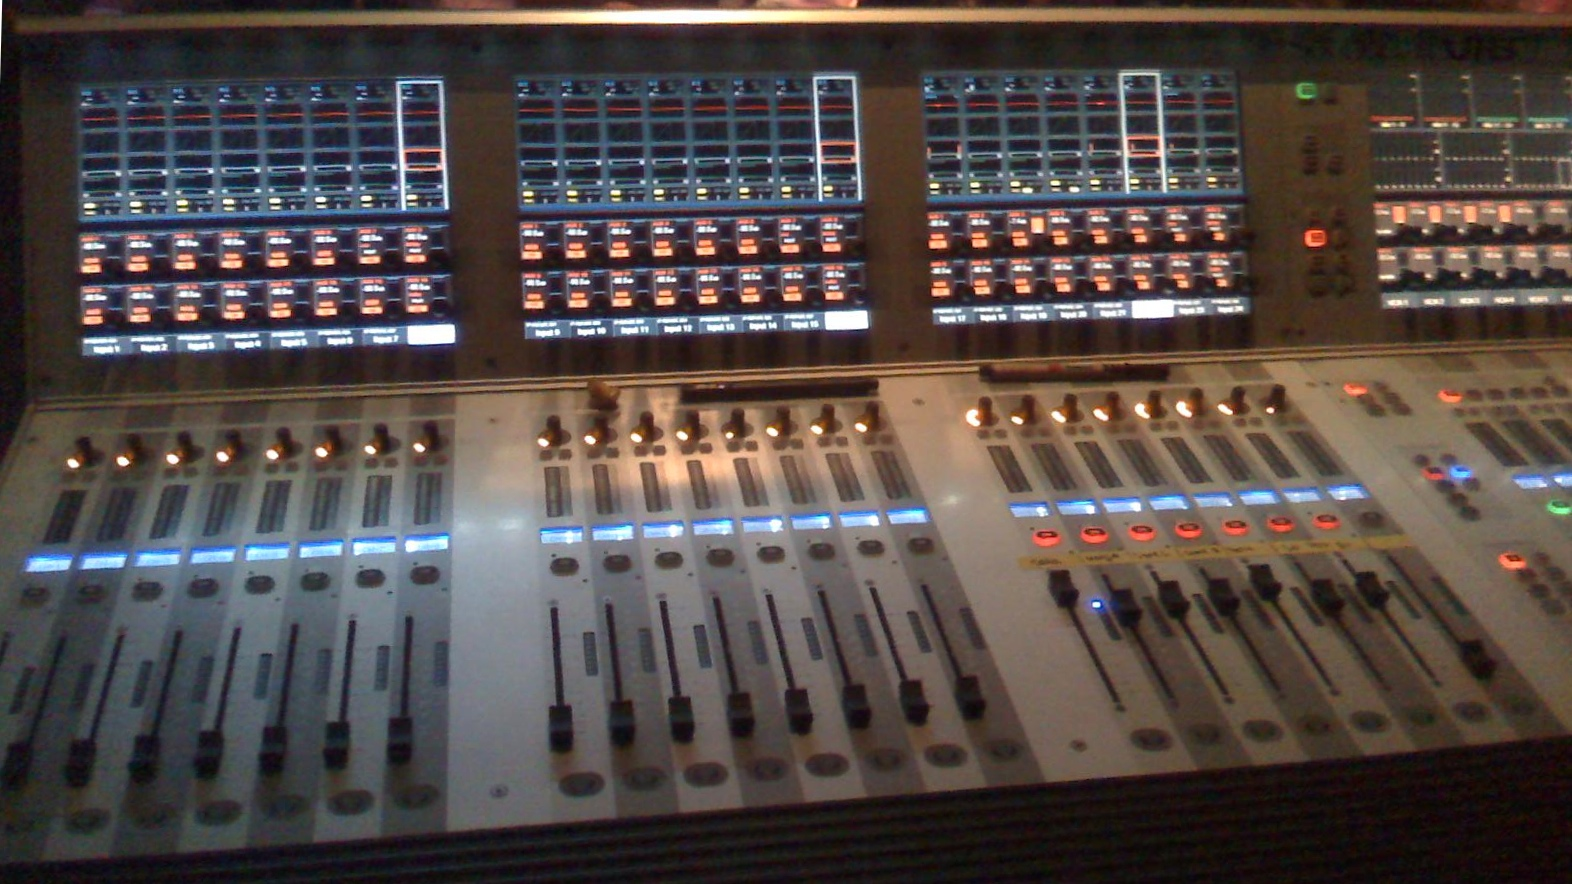 The Soundcraft Vi6